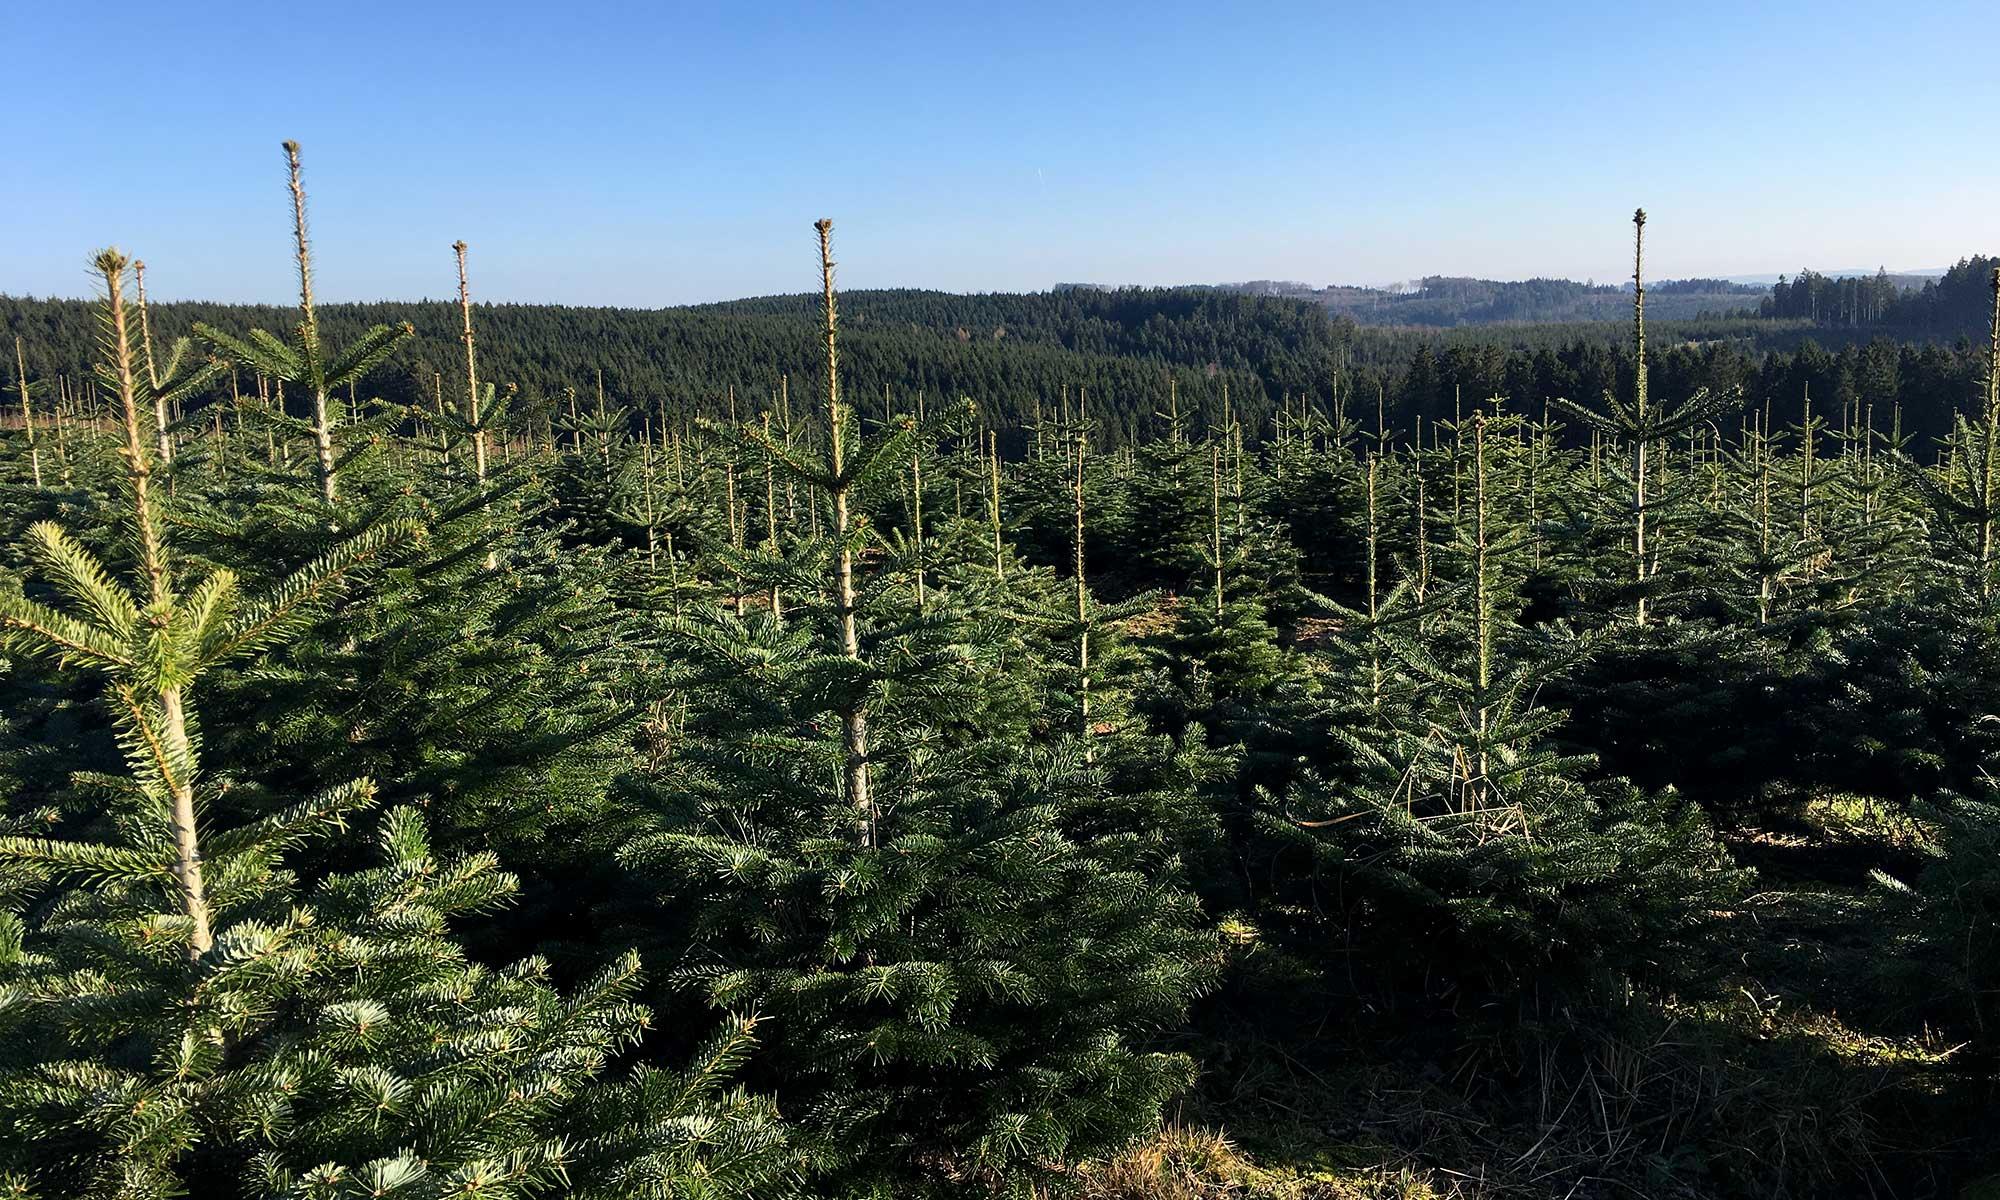 Im Tannenbaumwald bei Sundern